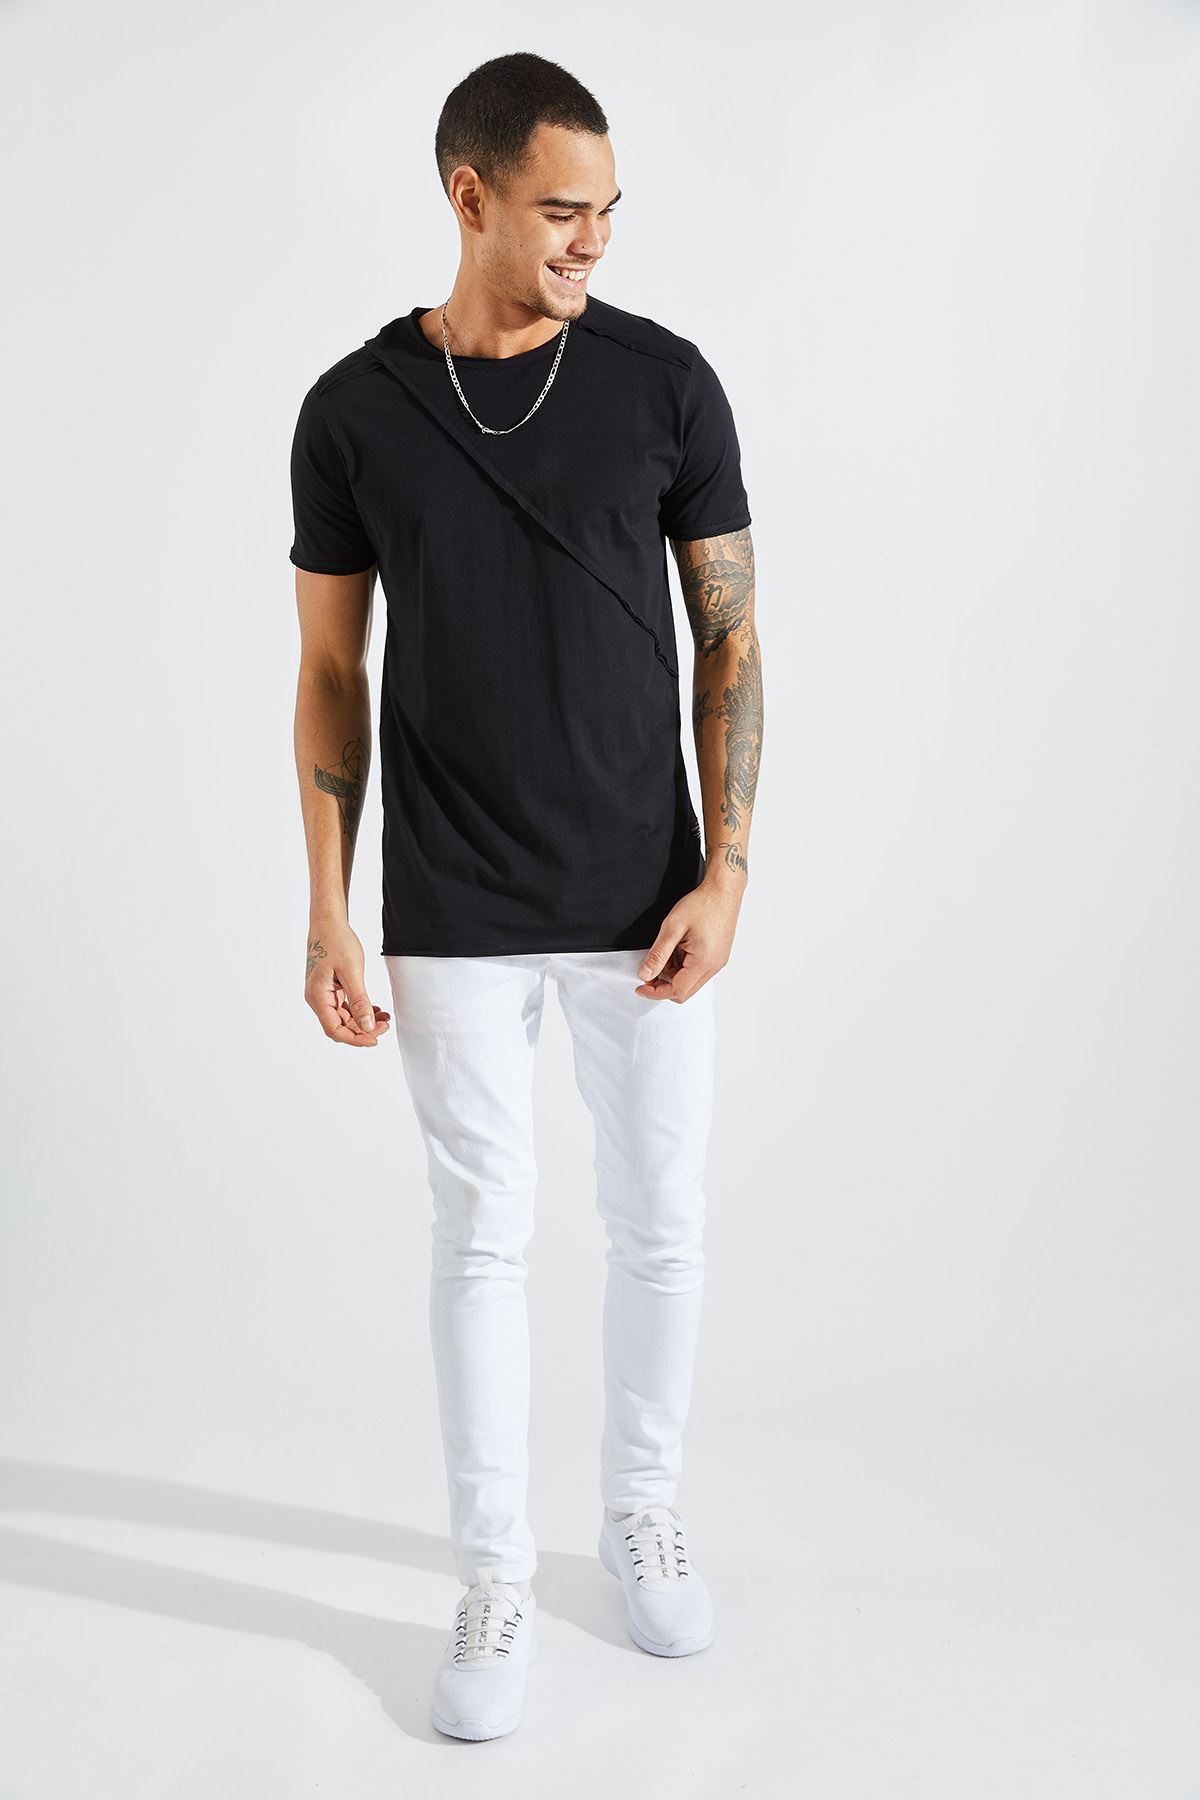 Erkek Omuz Parçalı Siyah Tişört